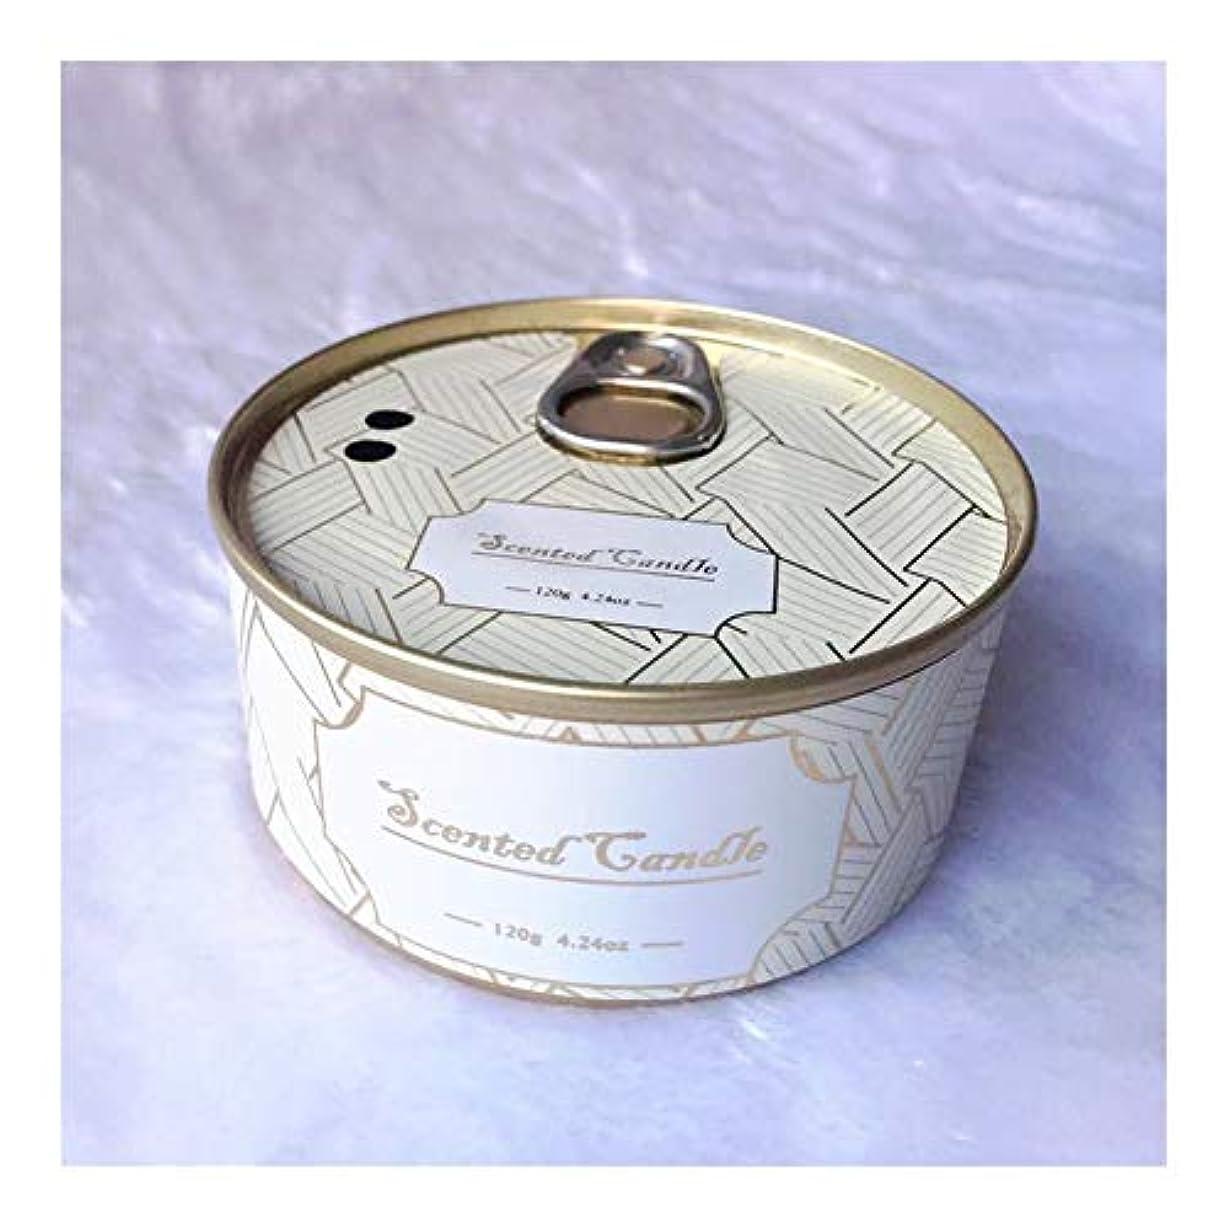 甘い不条理放射するGuomao ブリキ缶植物エッセンシャルオイル大豆ワックスジュニパーラベンダーの香りのキャンドル (色 : Lavender)